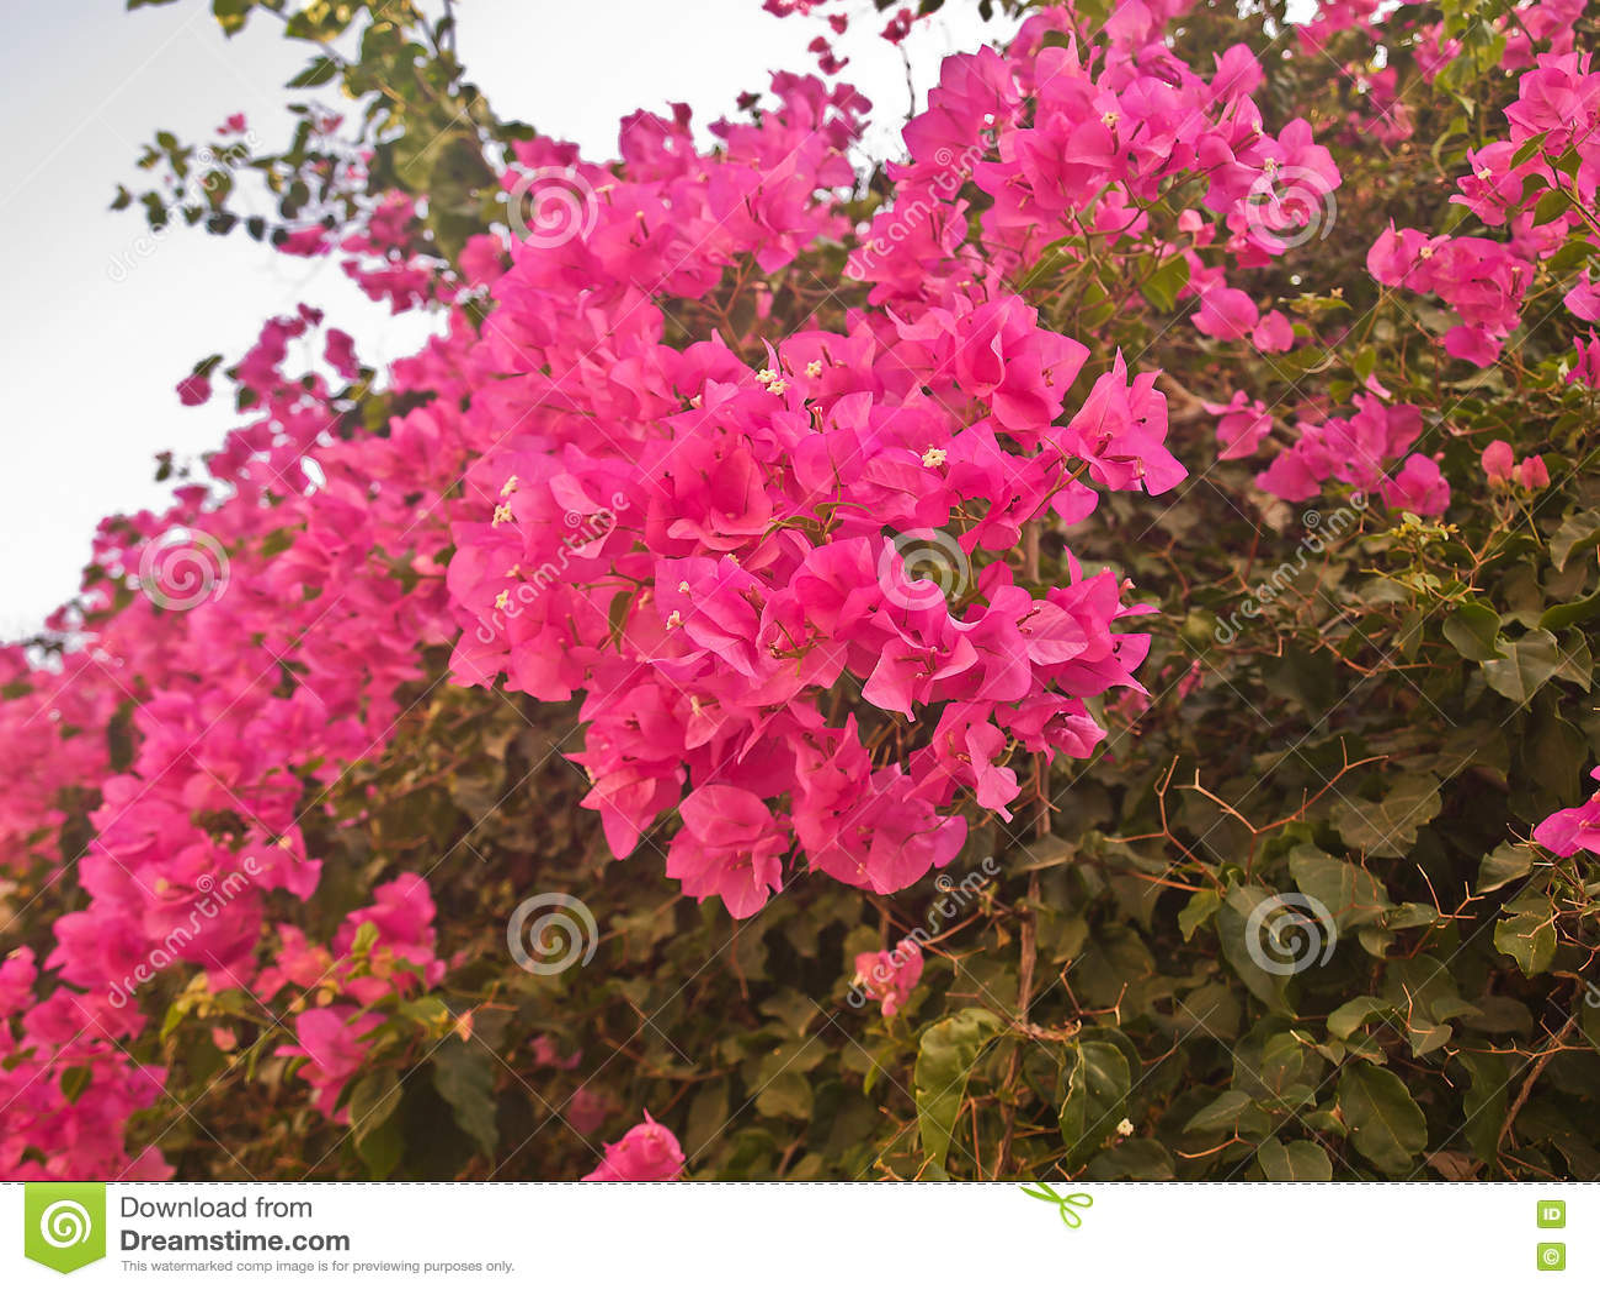 Struiken Met Bloemen Voor In De Tuin.Struik Met Heldere Rode Bloemen Stock Afbeelding